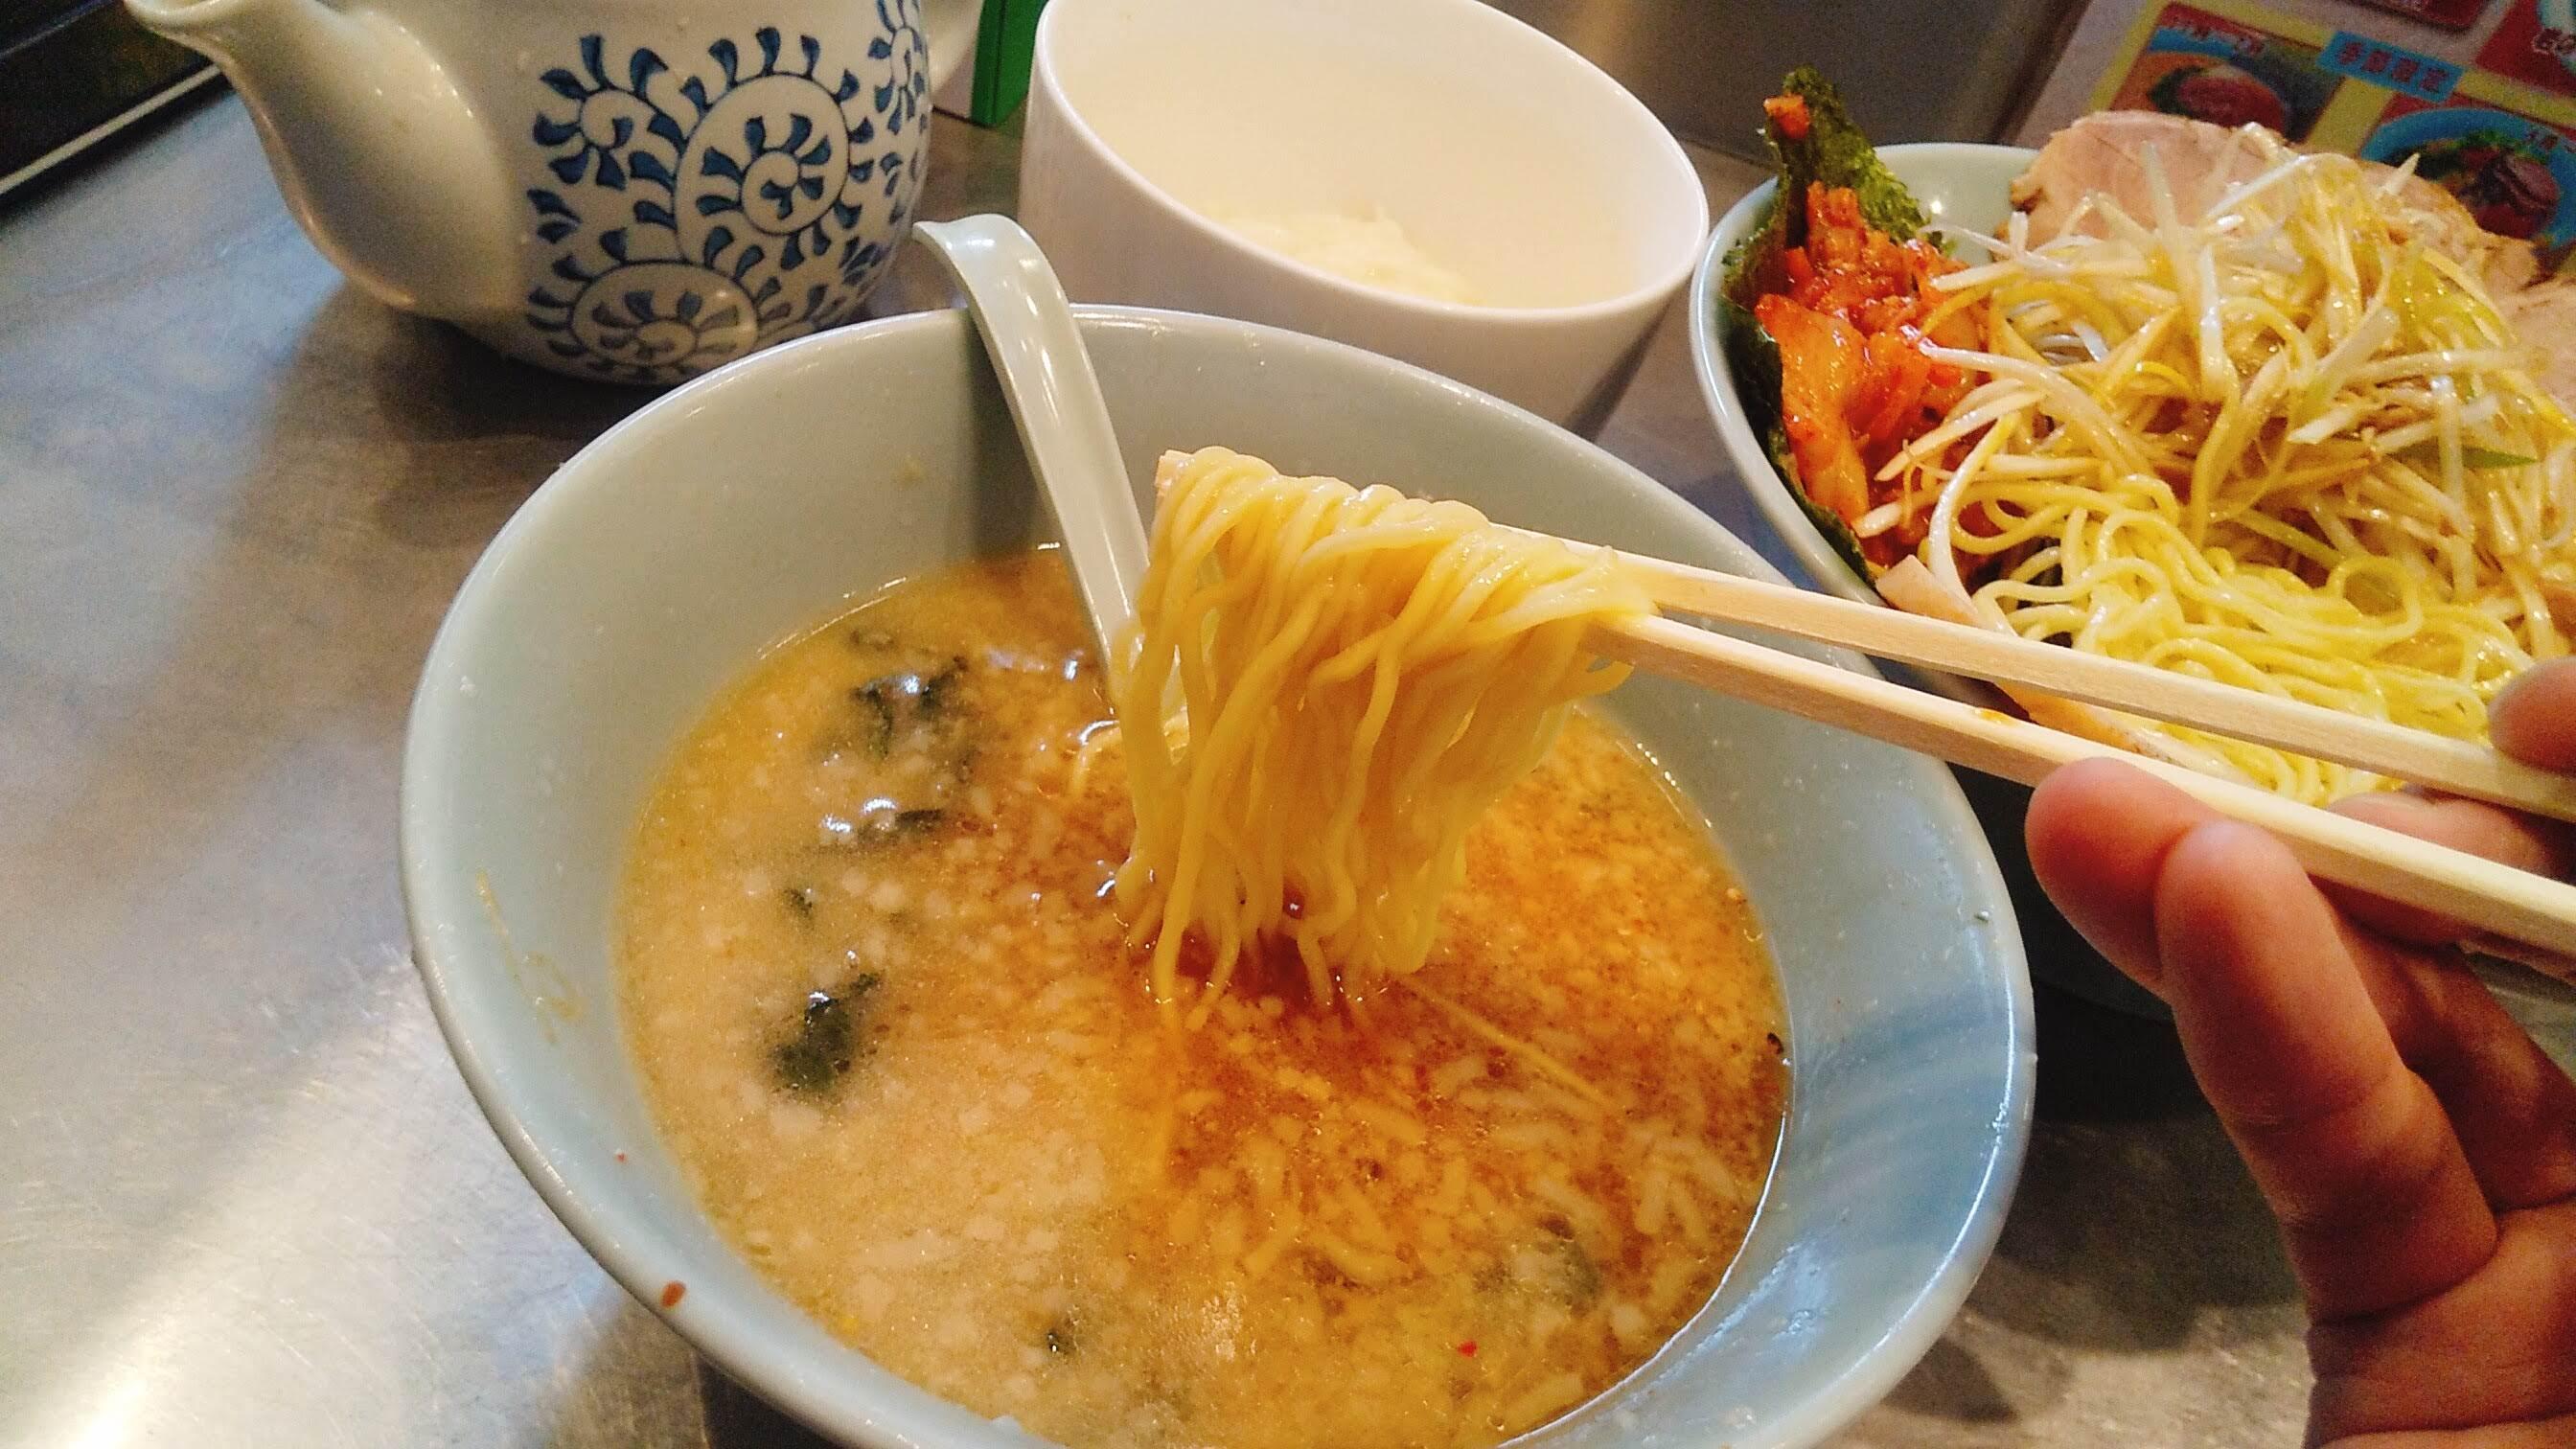 ラーメンショップ新守谷店のネギトロチャーシューキムチつけ麺の麺リフト写真